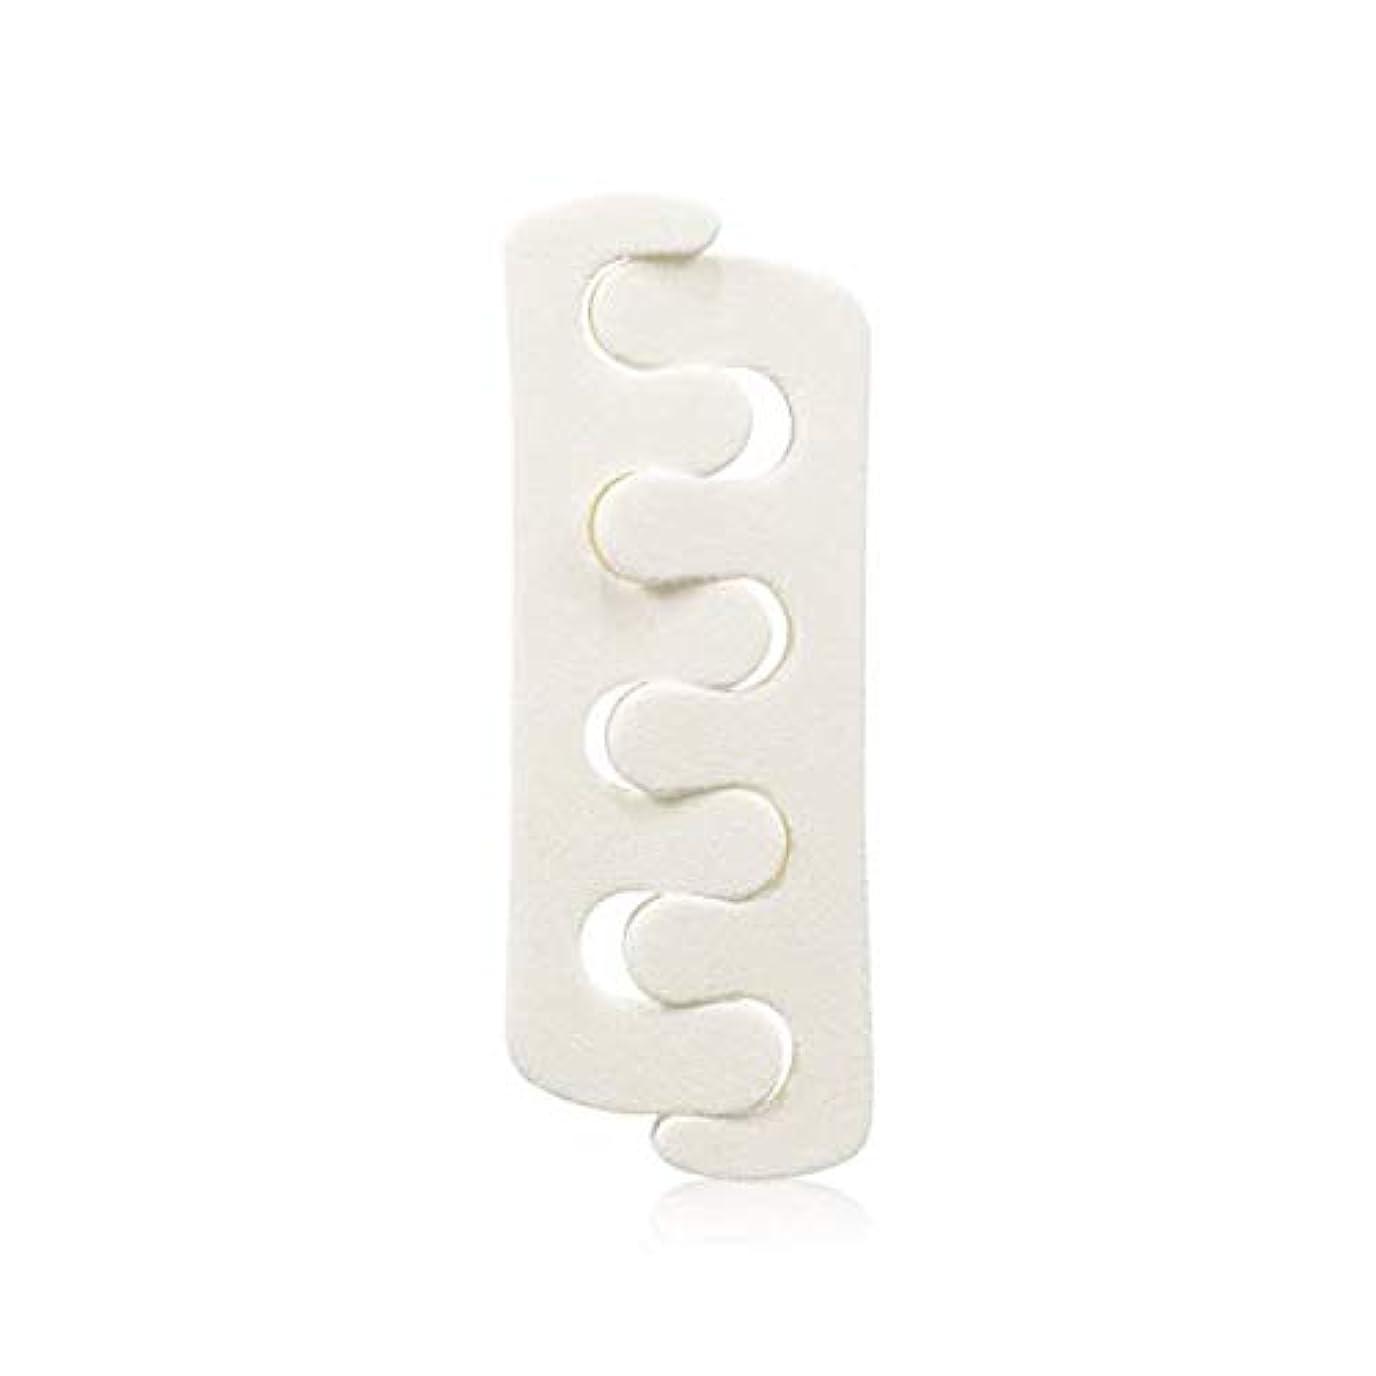 内部殺します佐賀[イニスフリー.innisfree]ビューティーツールペディキュア台Beauty Tool Toe Separators For Pedicure_簡単かつ手軽にペディキュアを助けてくれるつま先台